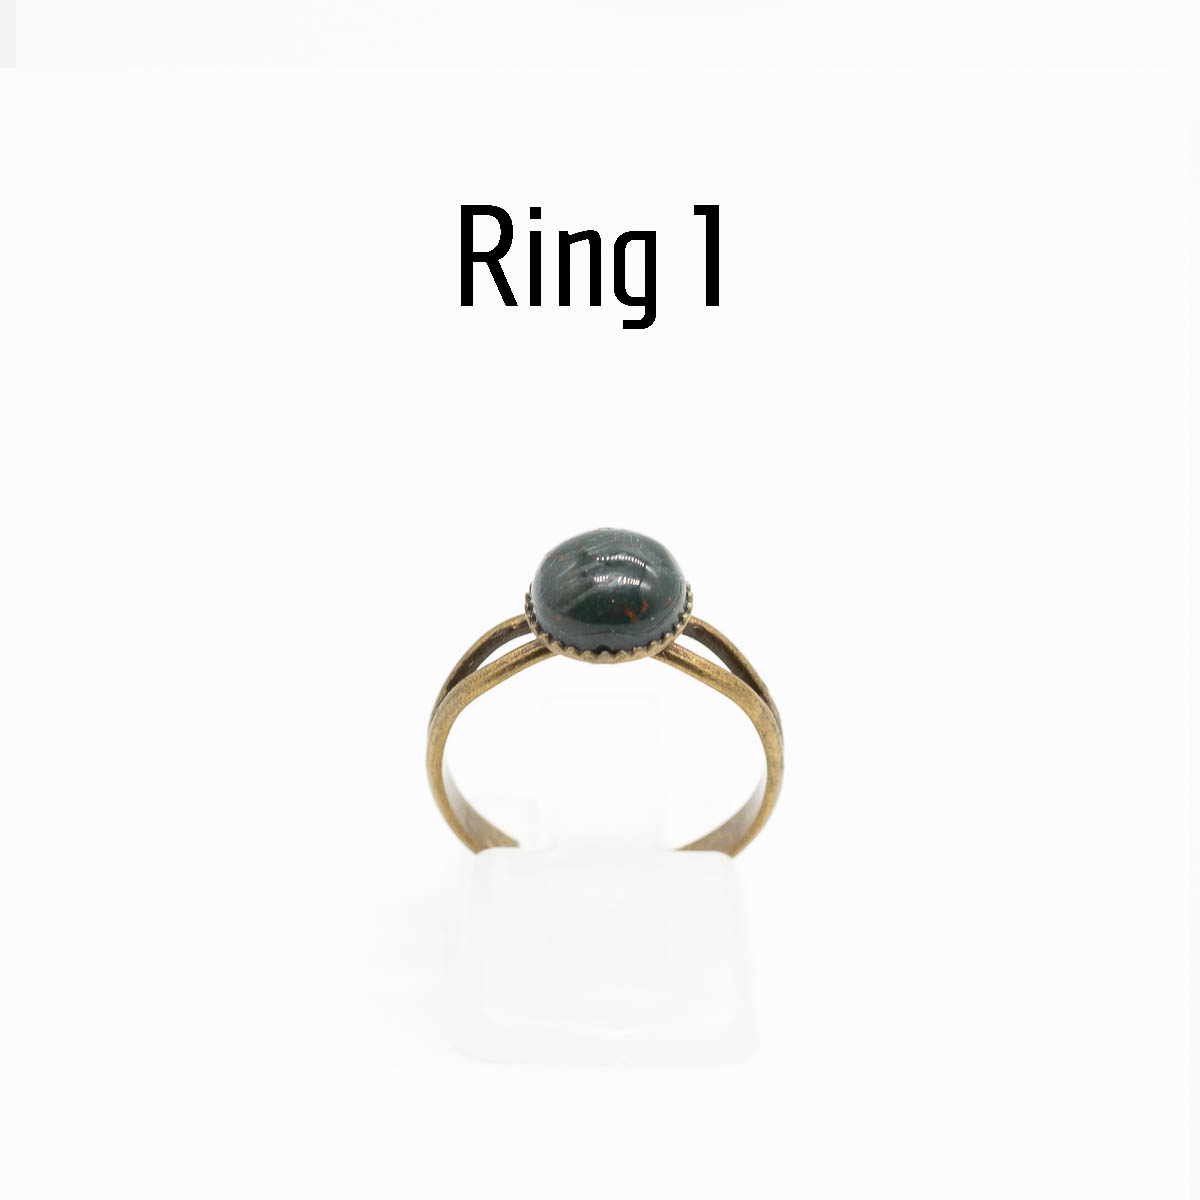 RNG-019 groene jaspis ring type 1